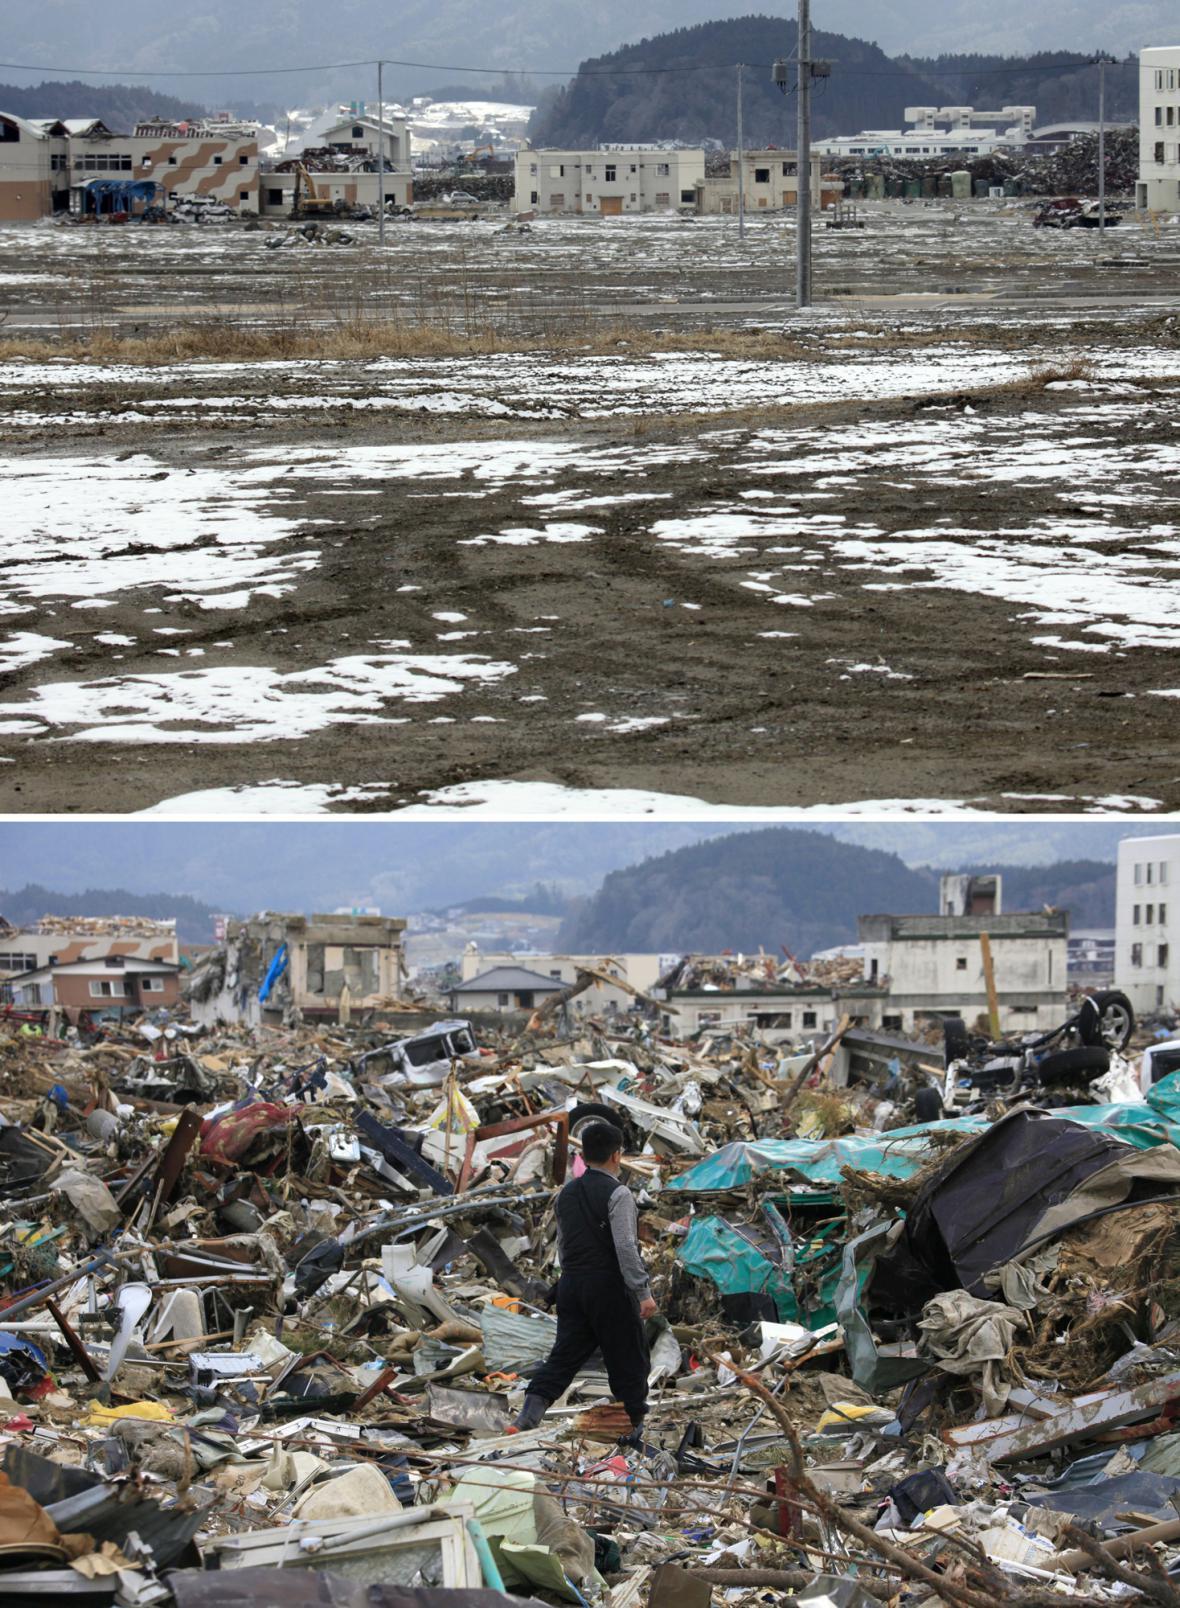 Rikuzentakata - 17. 2. 2012 a 12. 4. 2011